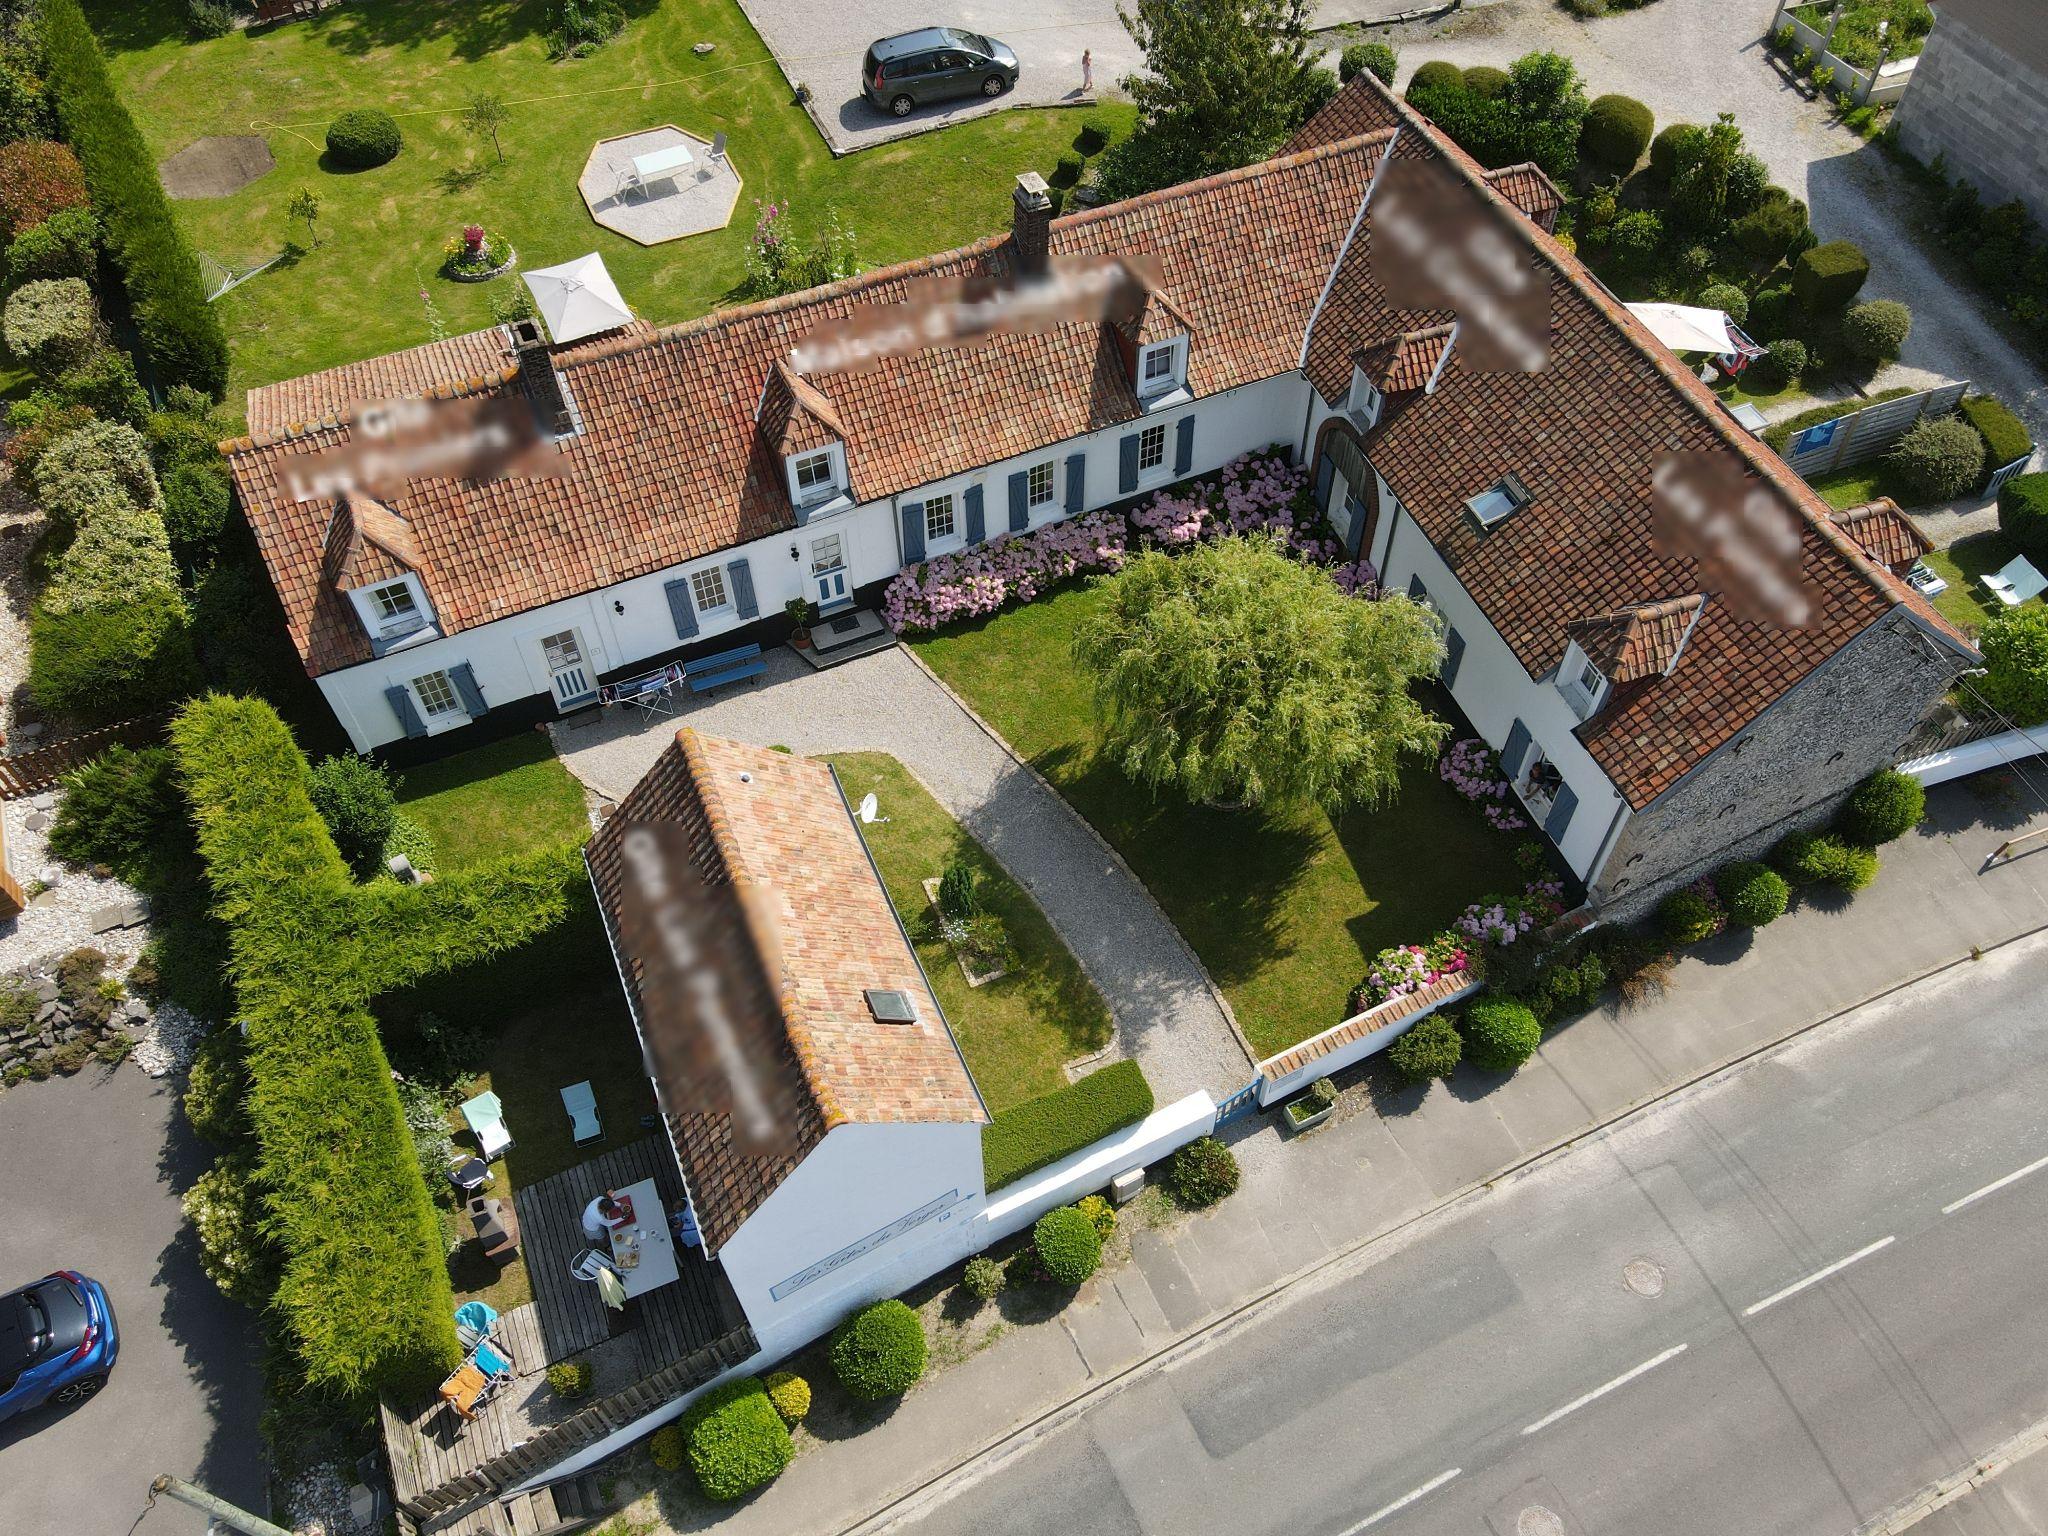 Vente 4 gîtes - 25 places au total à Neufchâtel-Hardelot à 7 km de la mer (62152)